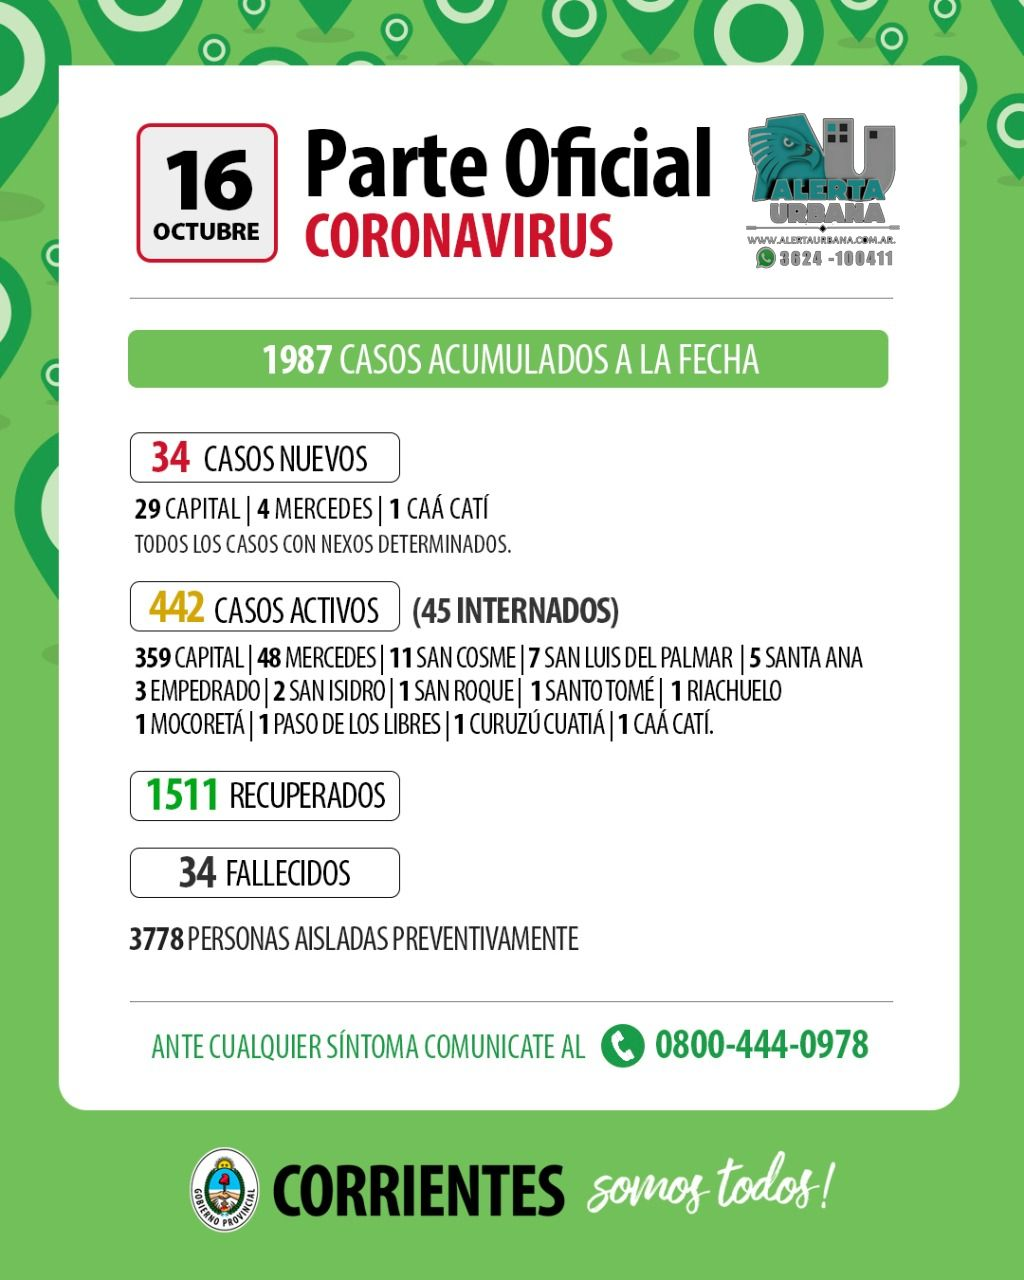 Covid-19: Corrientes registra 34 casos nuevos hoy